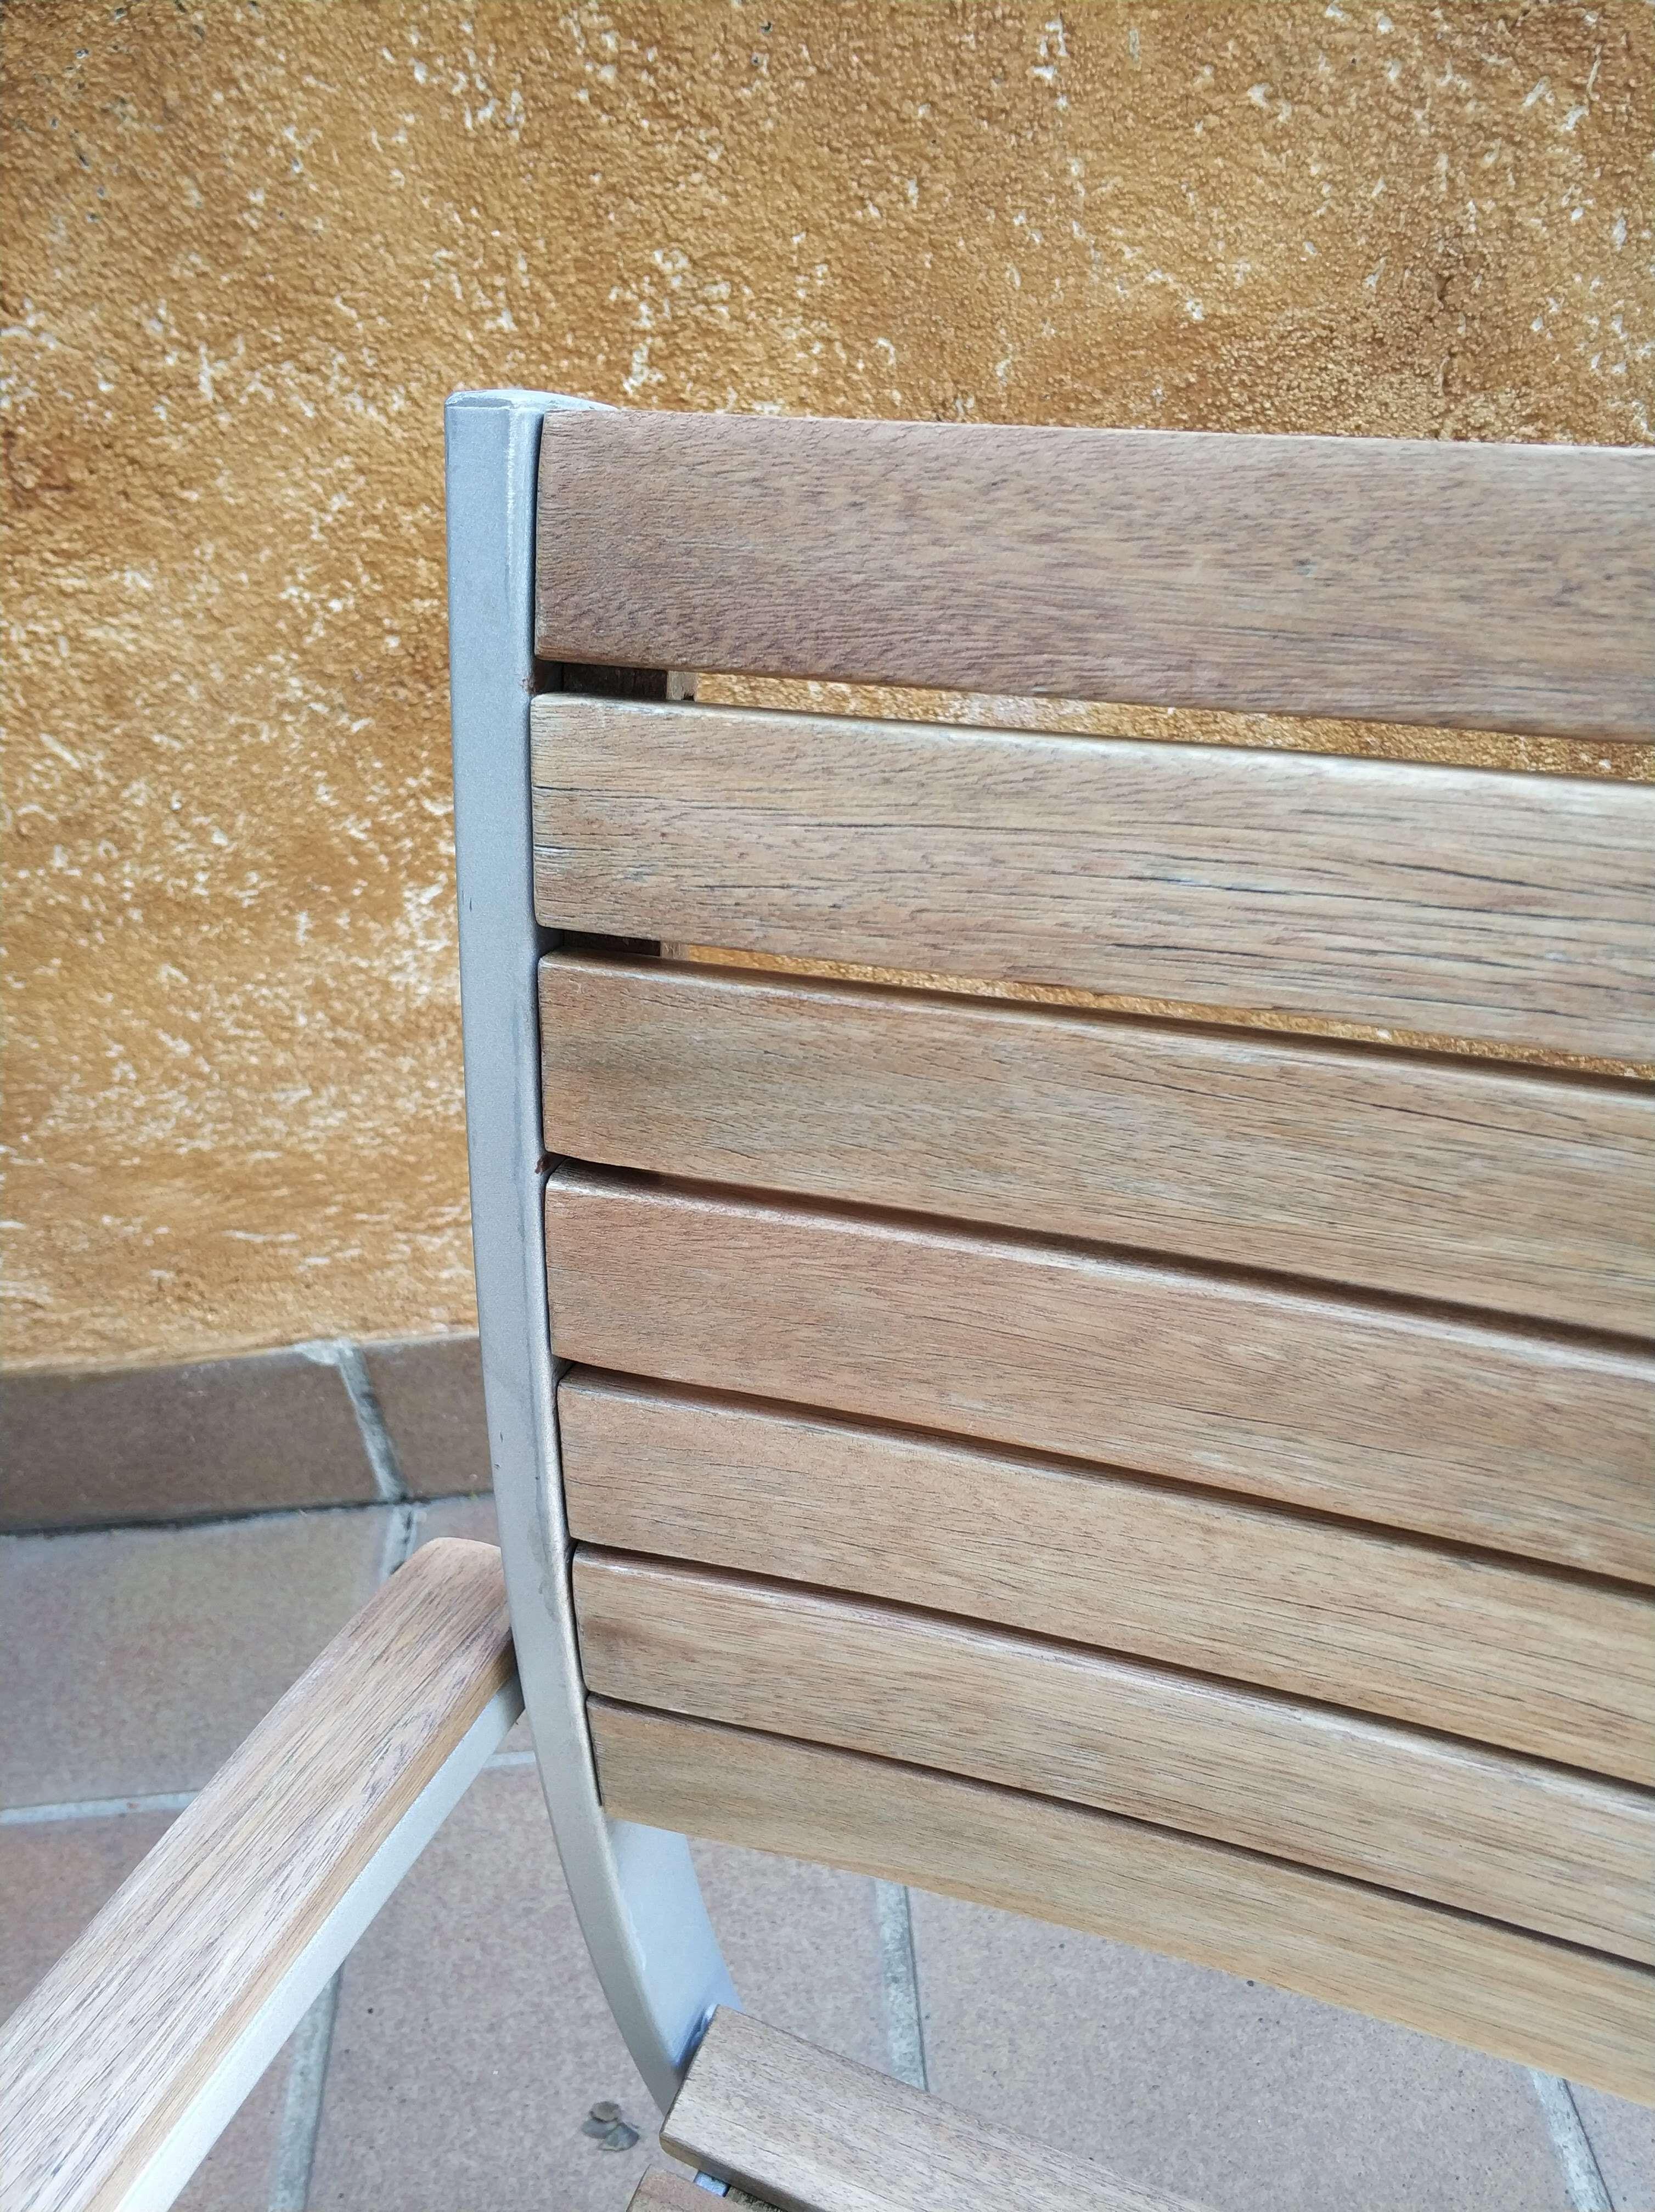 Silla FSC / Chair FSC